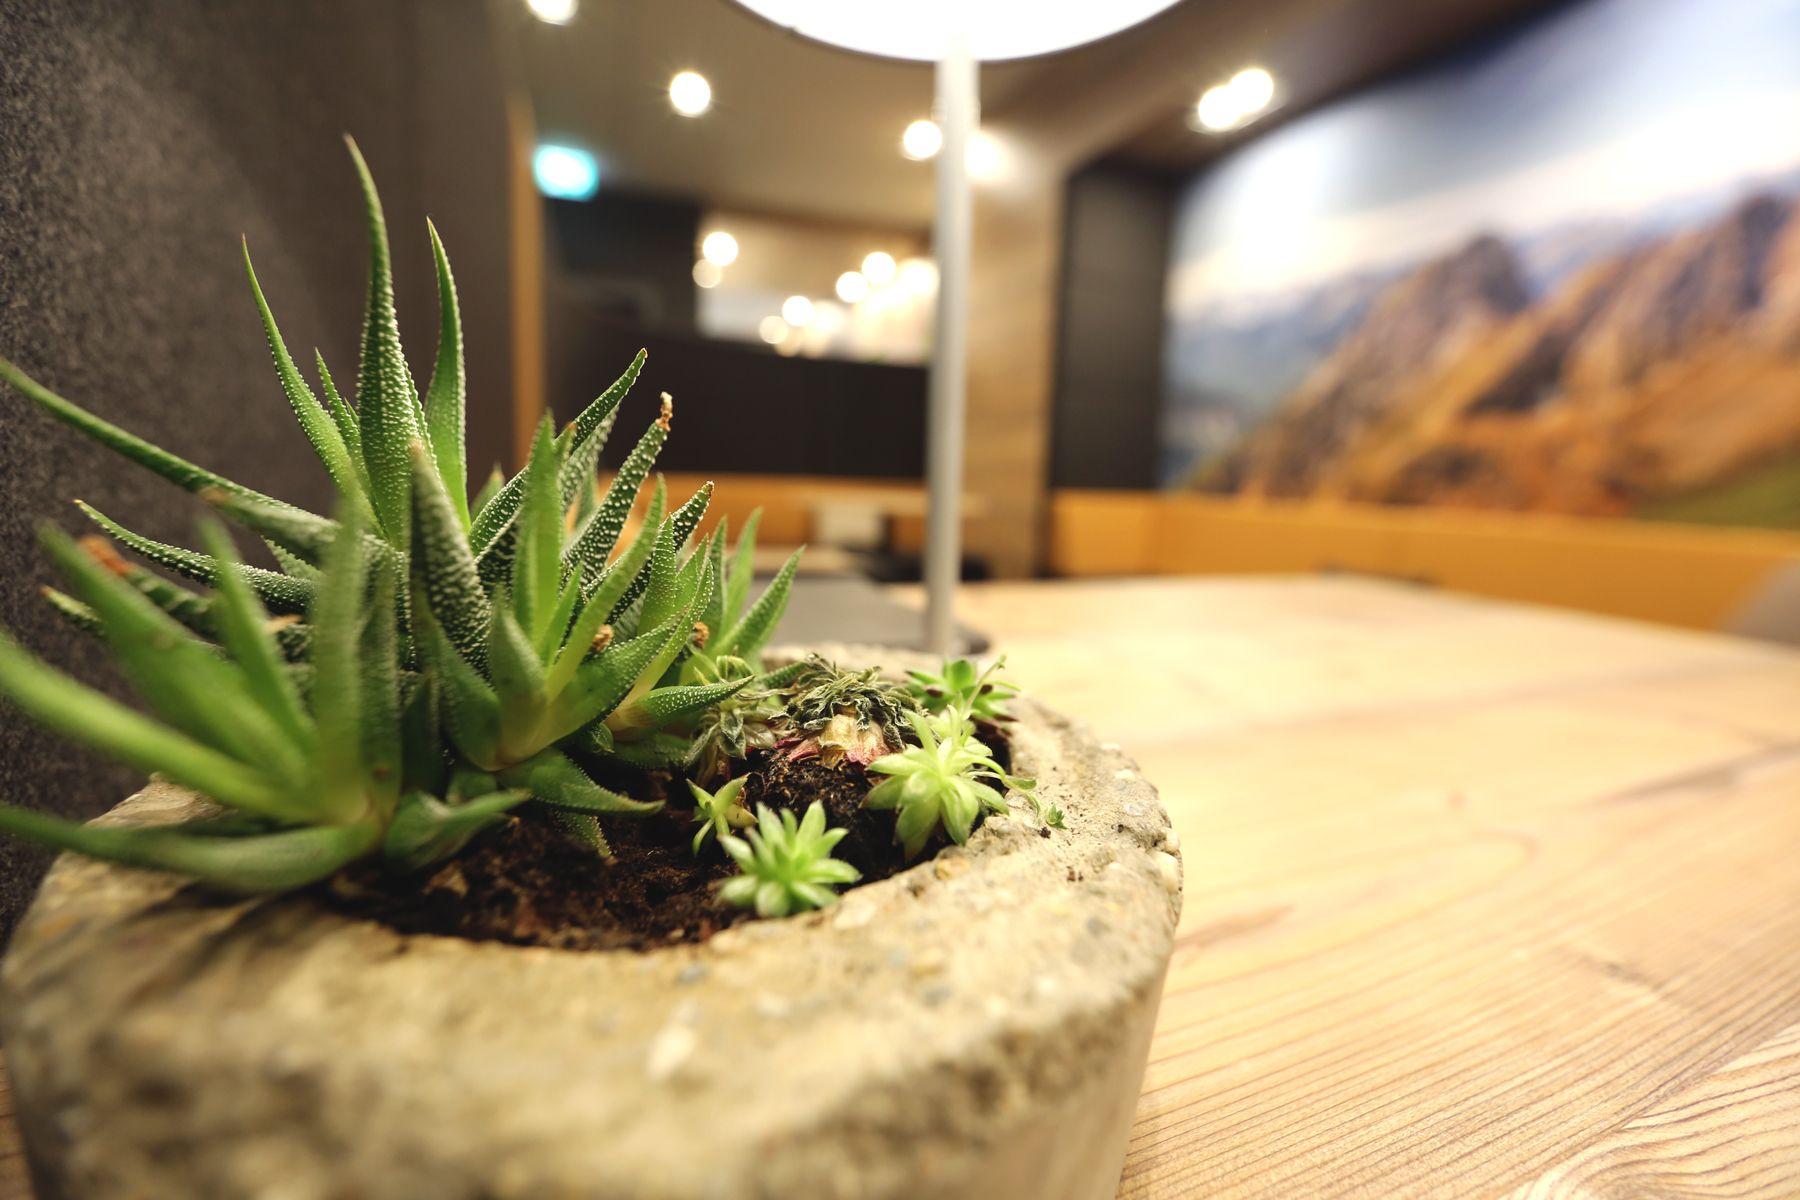 Greenery - Pflegeleichte Pflanzen im DIY Betontopf im Büro verbessern das Klima und die Laune. #pflegeleichtepflanzen